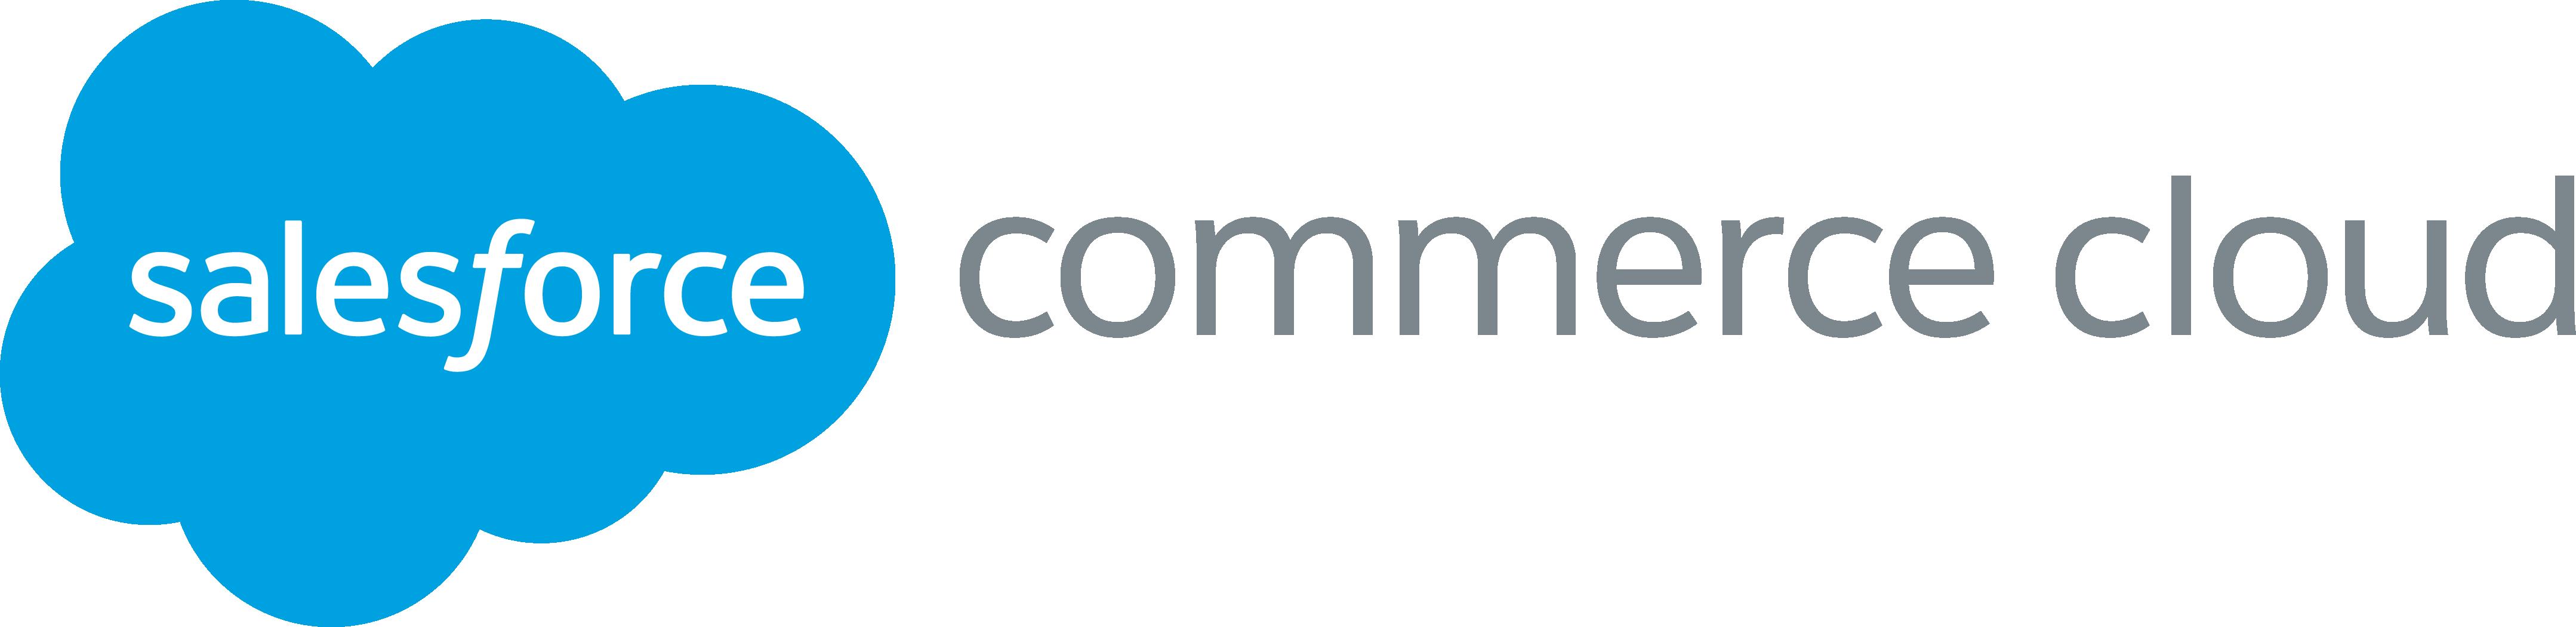 Salesforce B2C Commerce Cloud